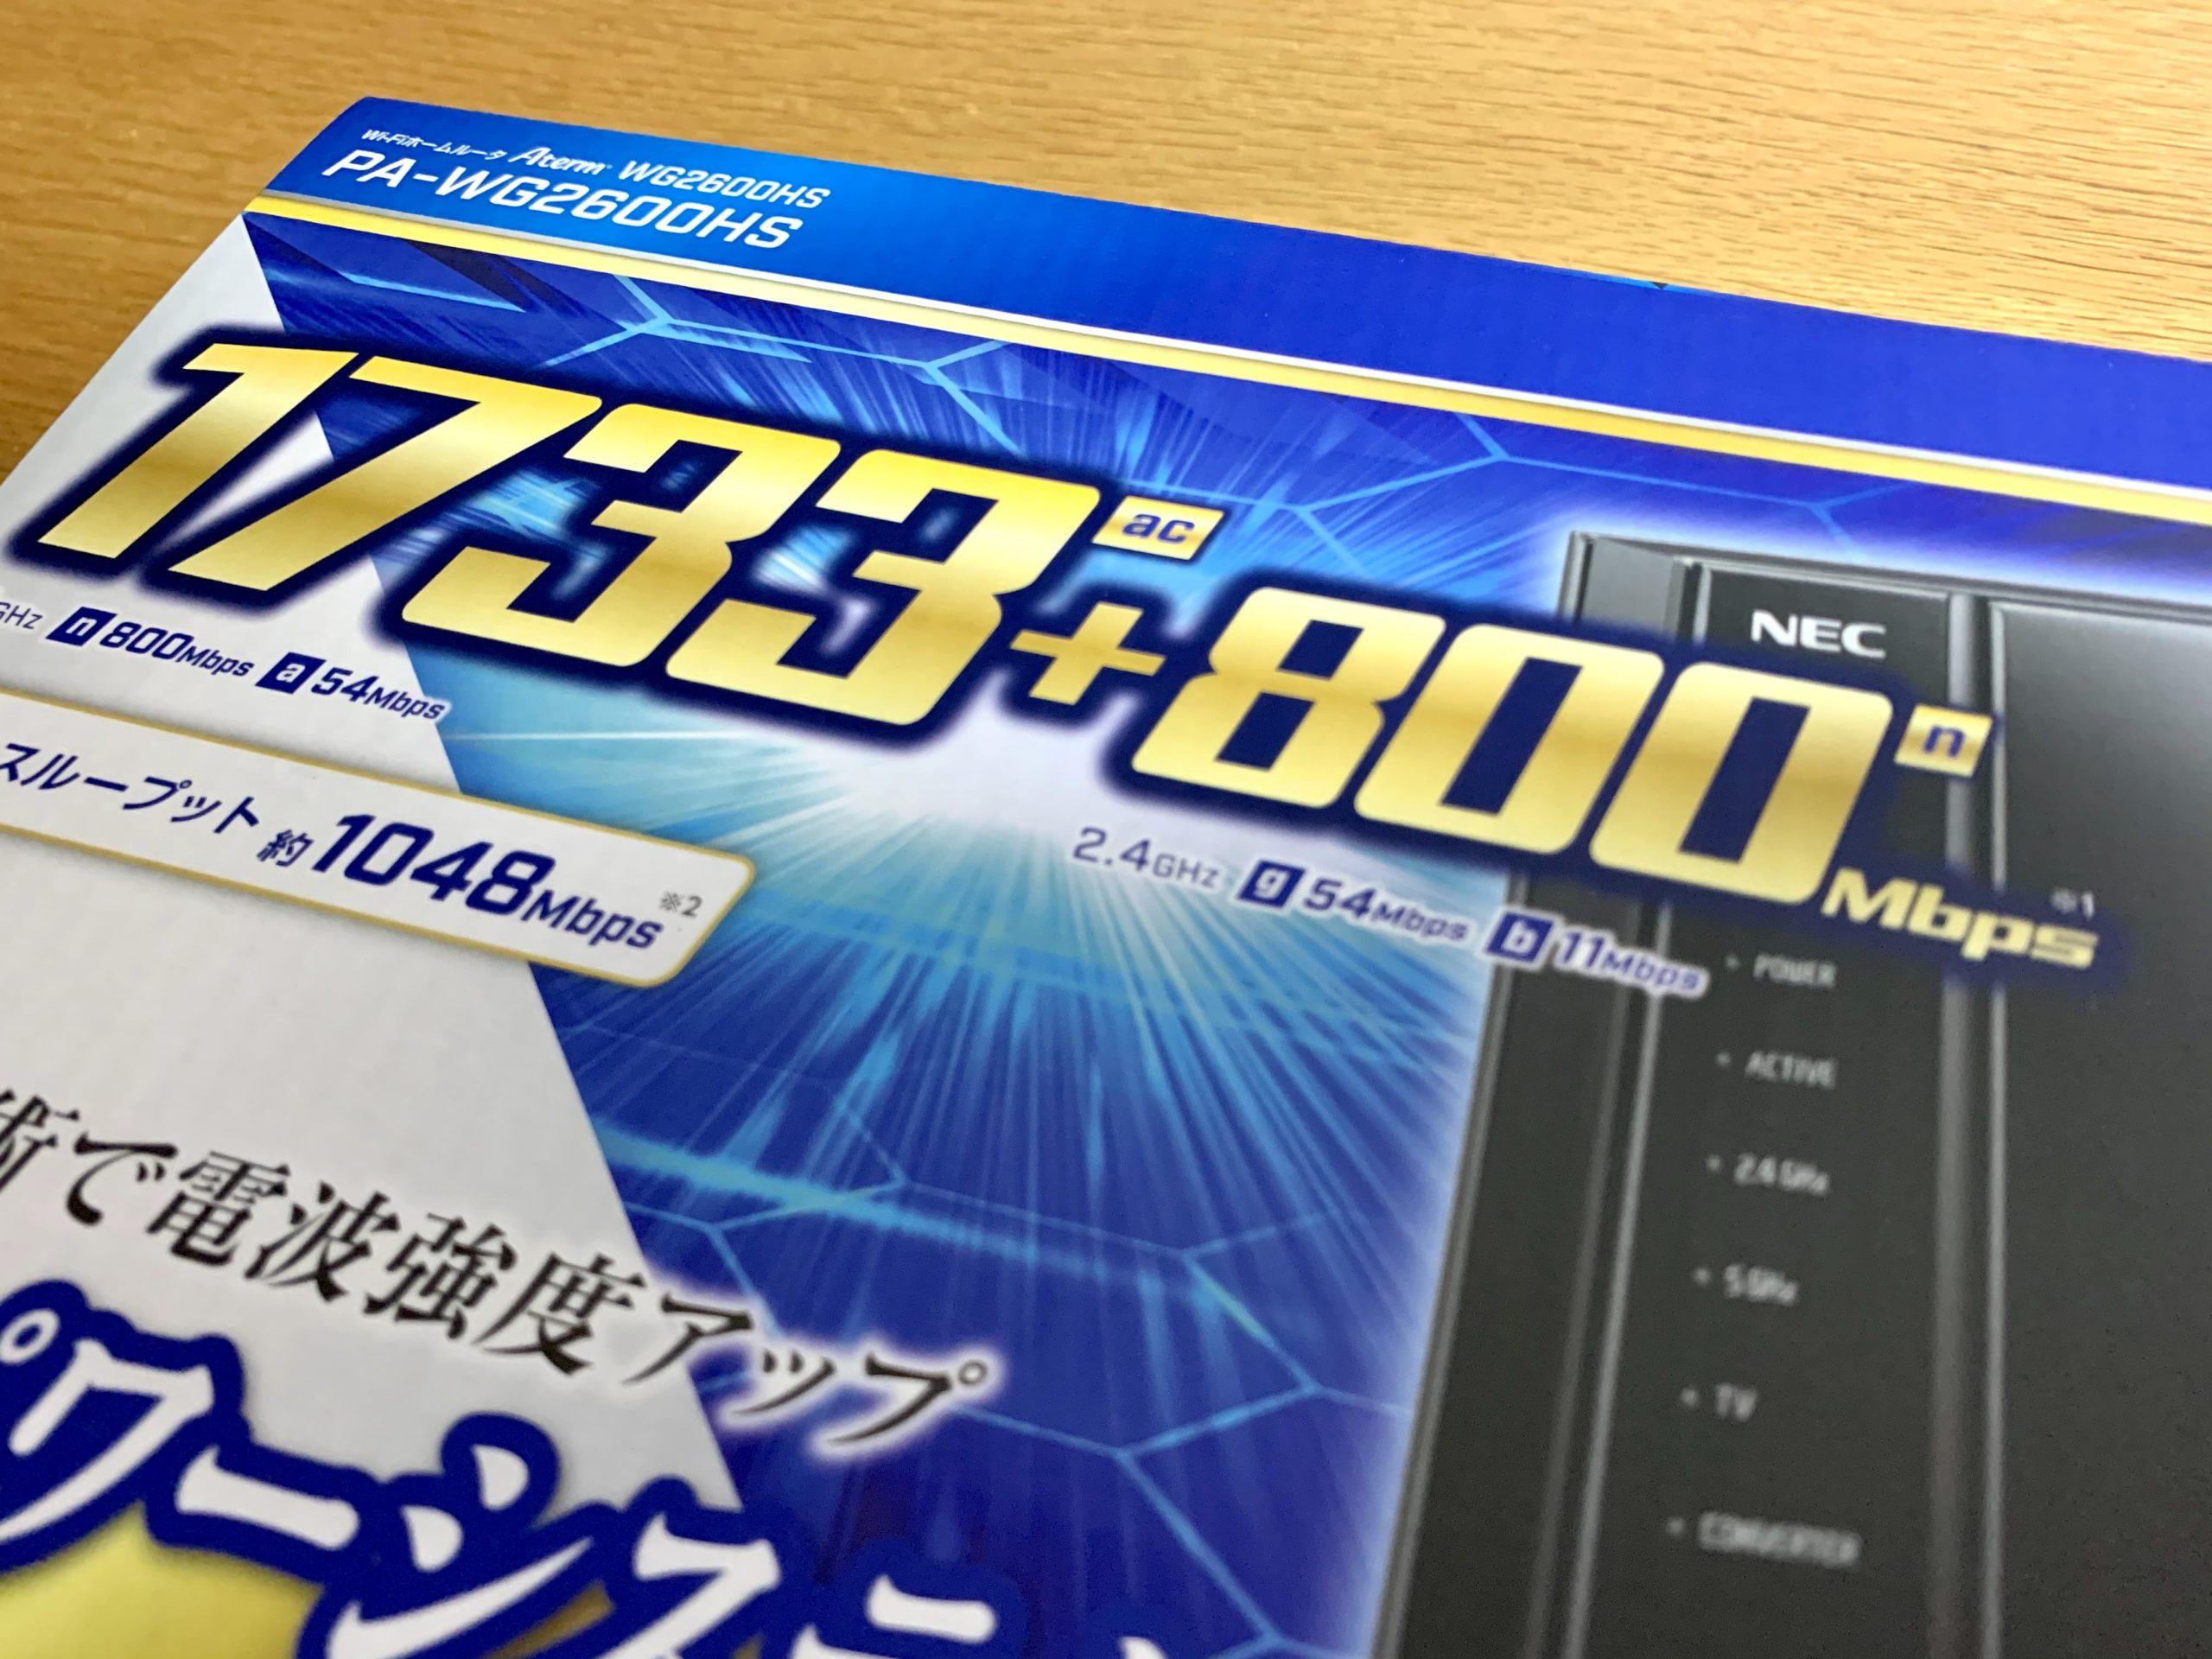 Aterm WG2600HSをイーサネットコンバータとして使ったら、iMacのインターネット速度が劇的に改善した